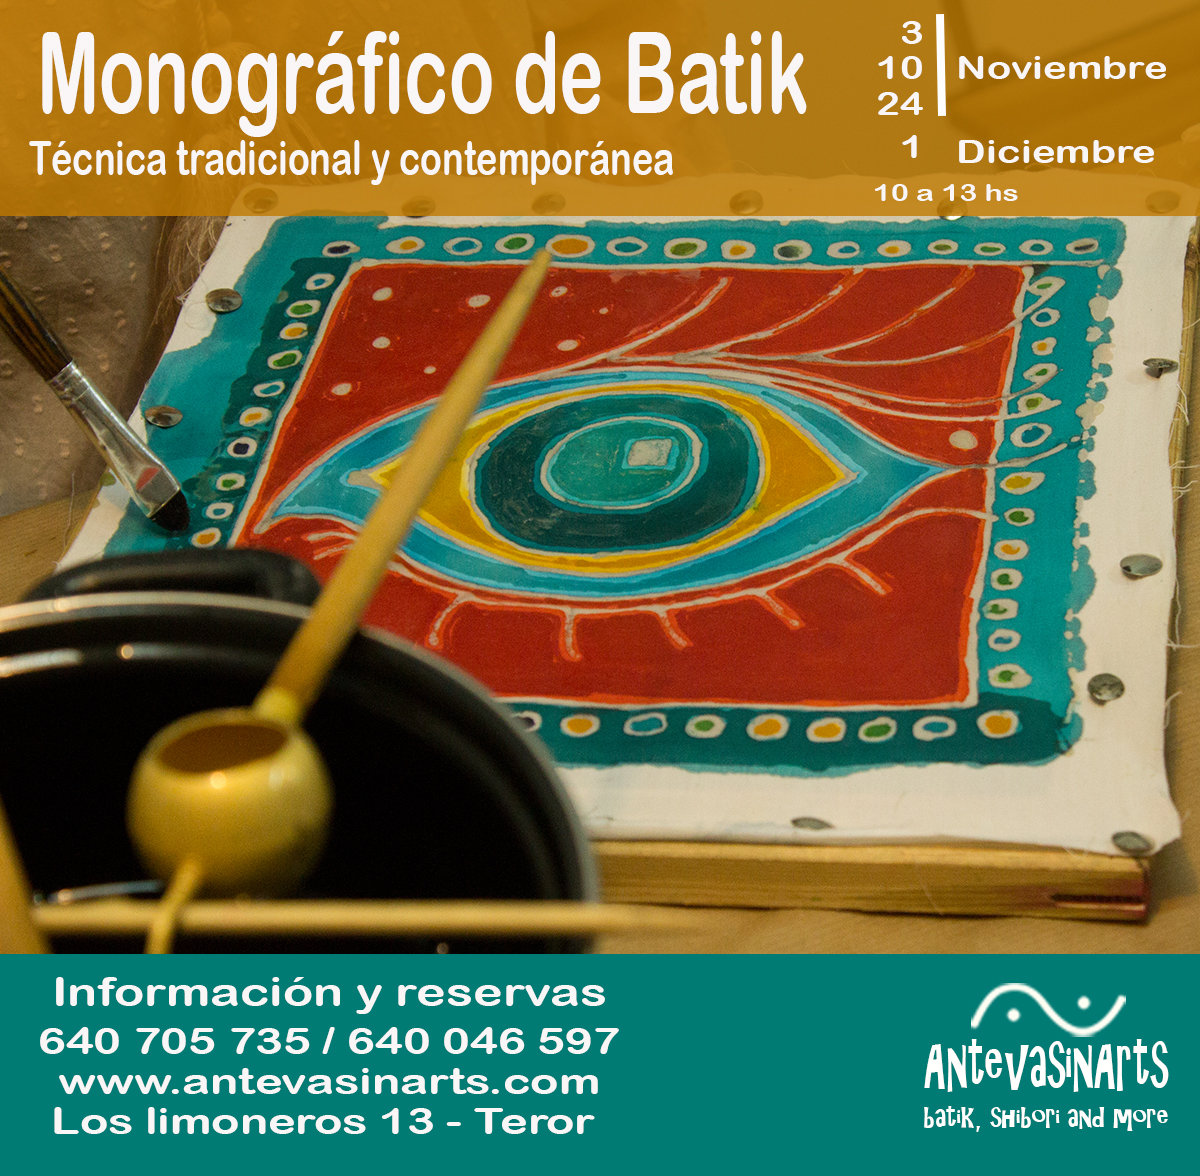 Monográfico Batik - Sábado 12 de Enero